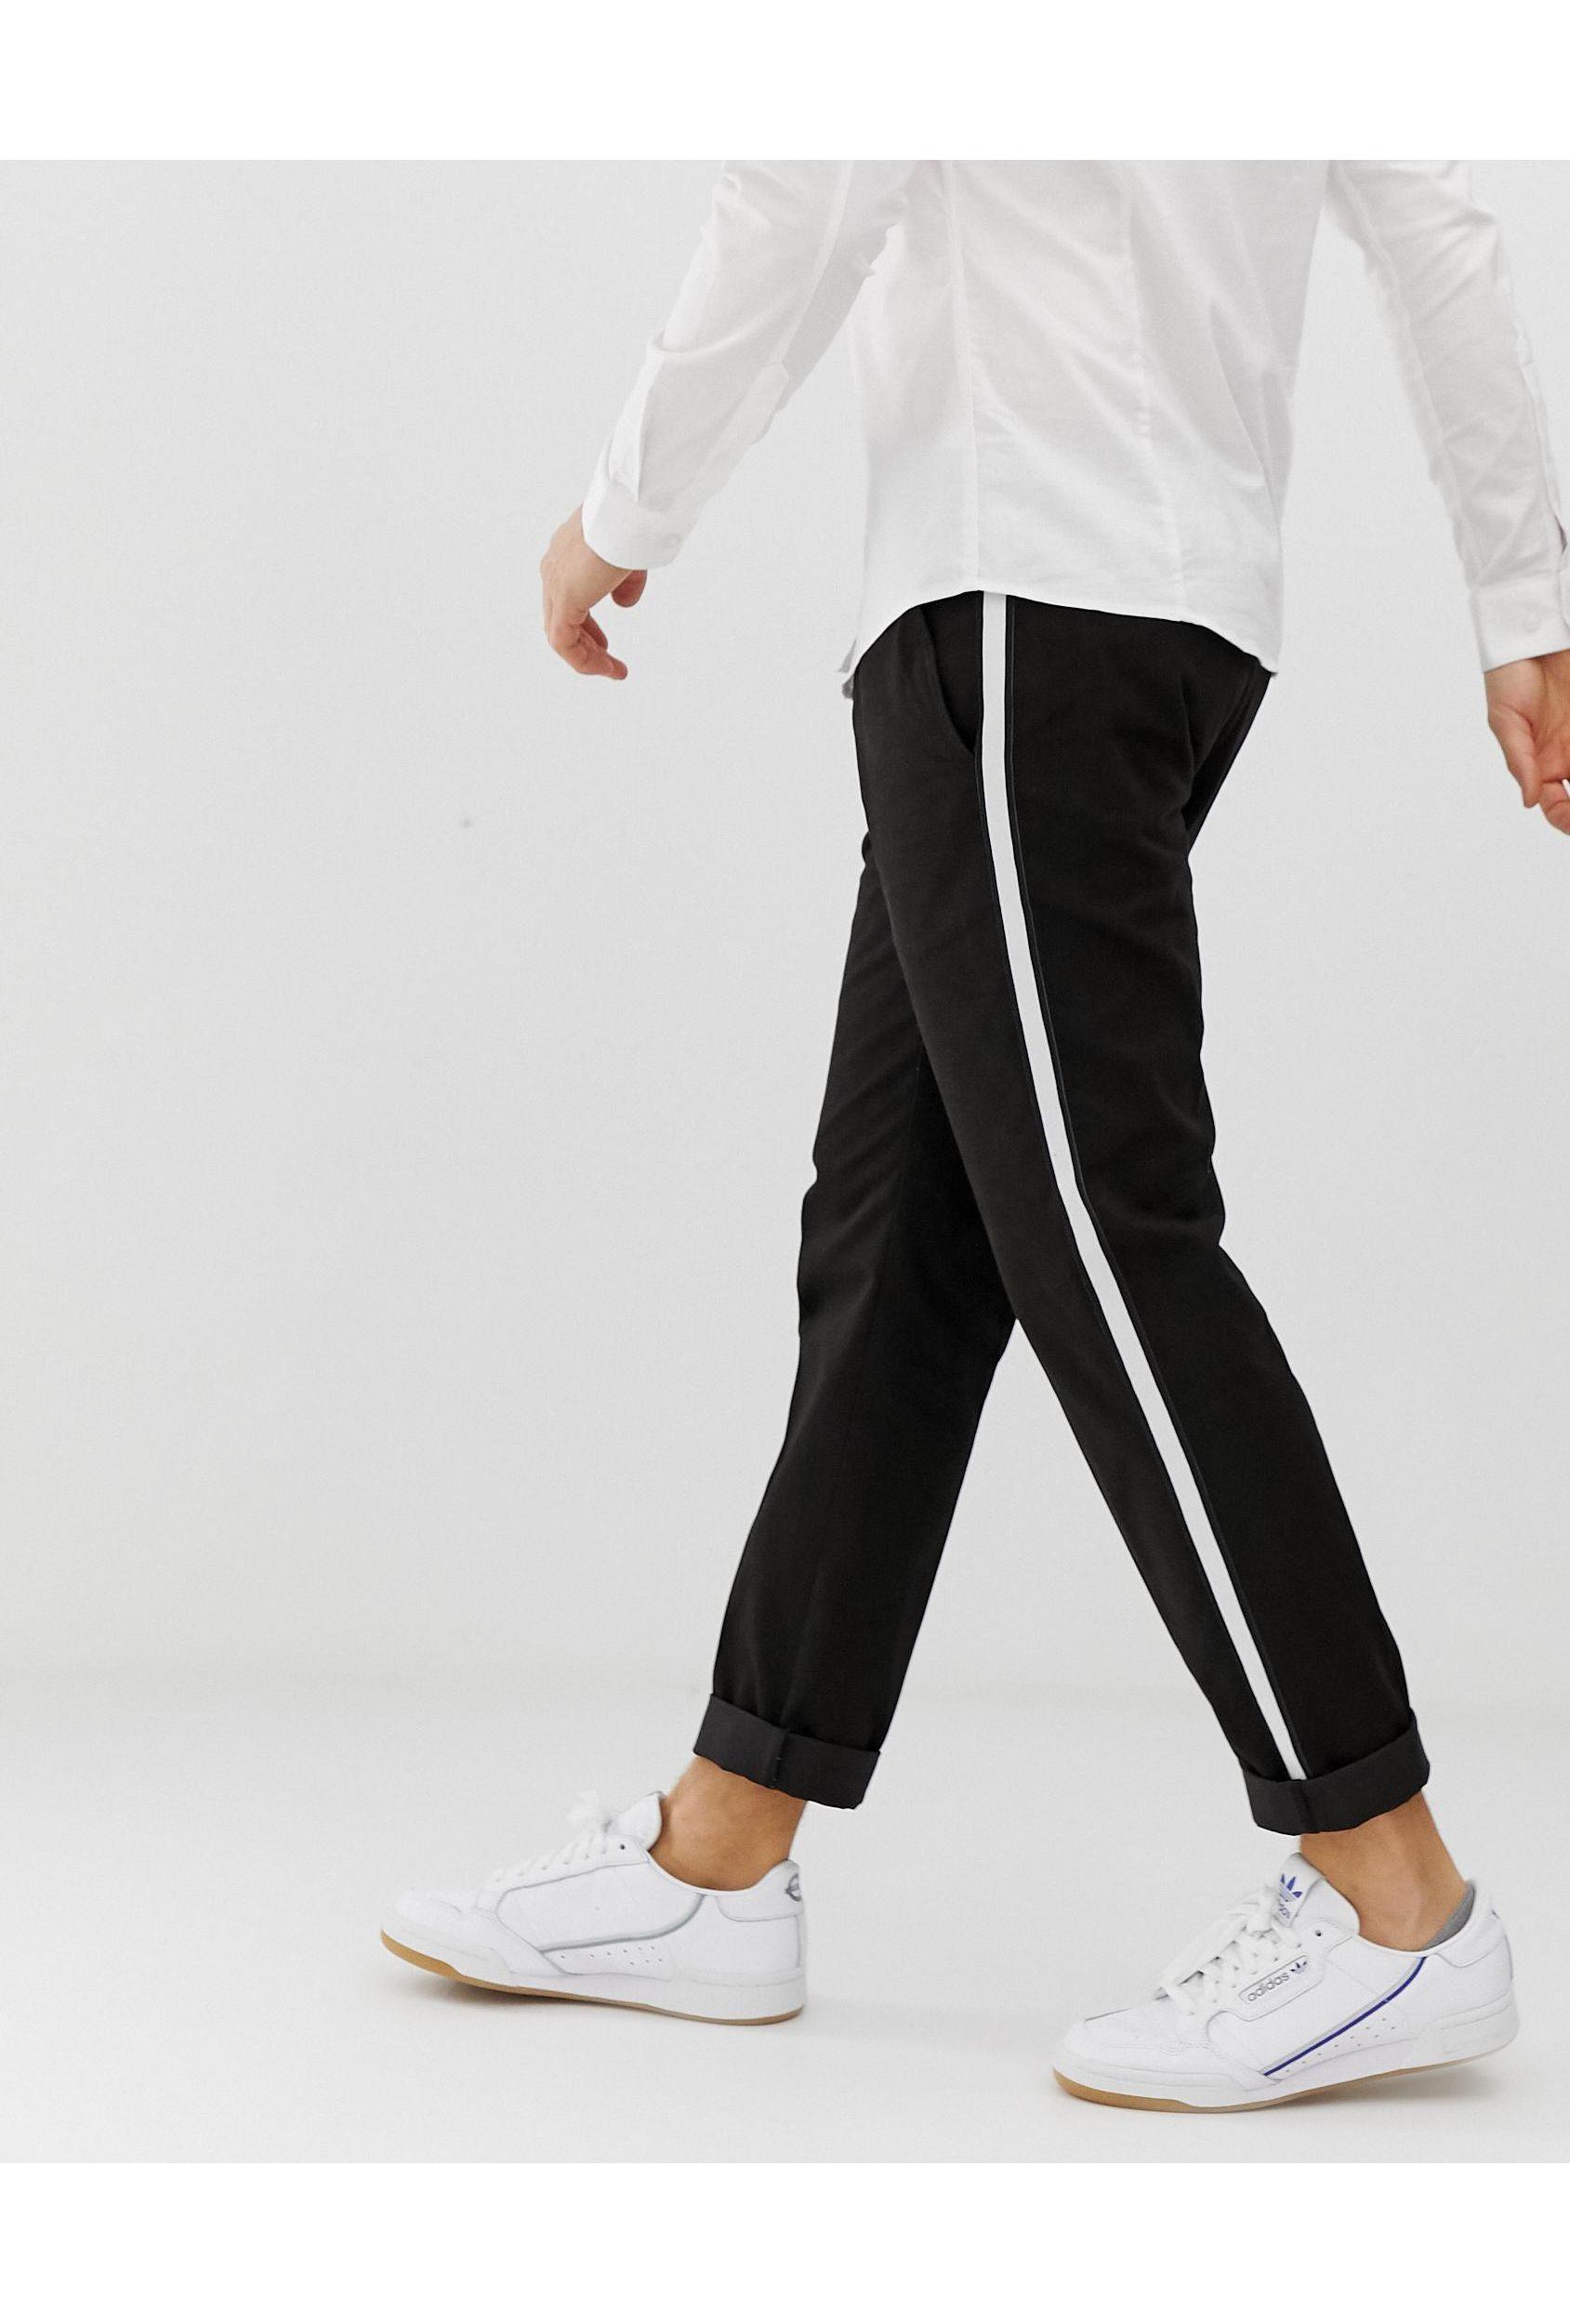 Burton Denim Nette Slim-fit Broek Met Zijstreep in het Zwart voor heren